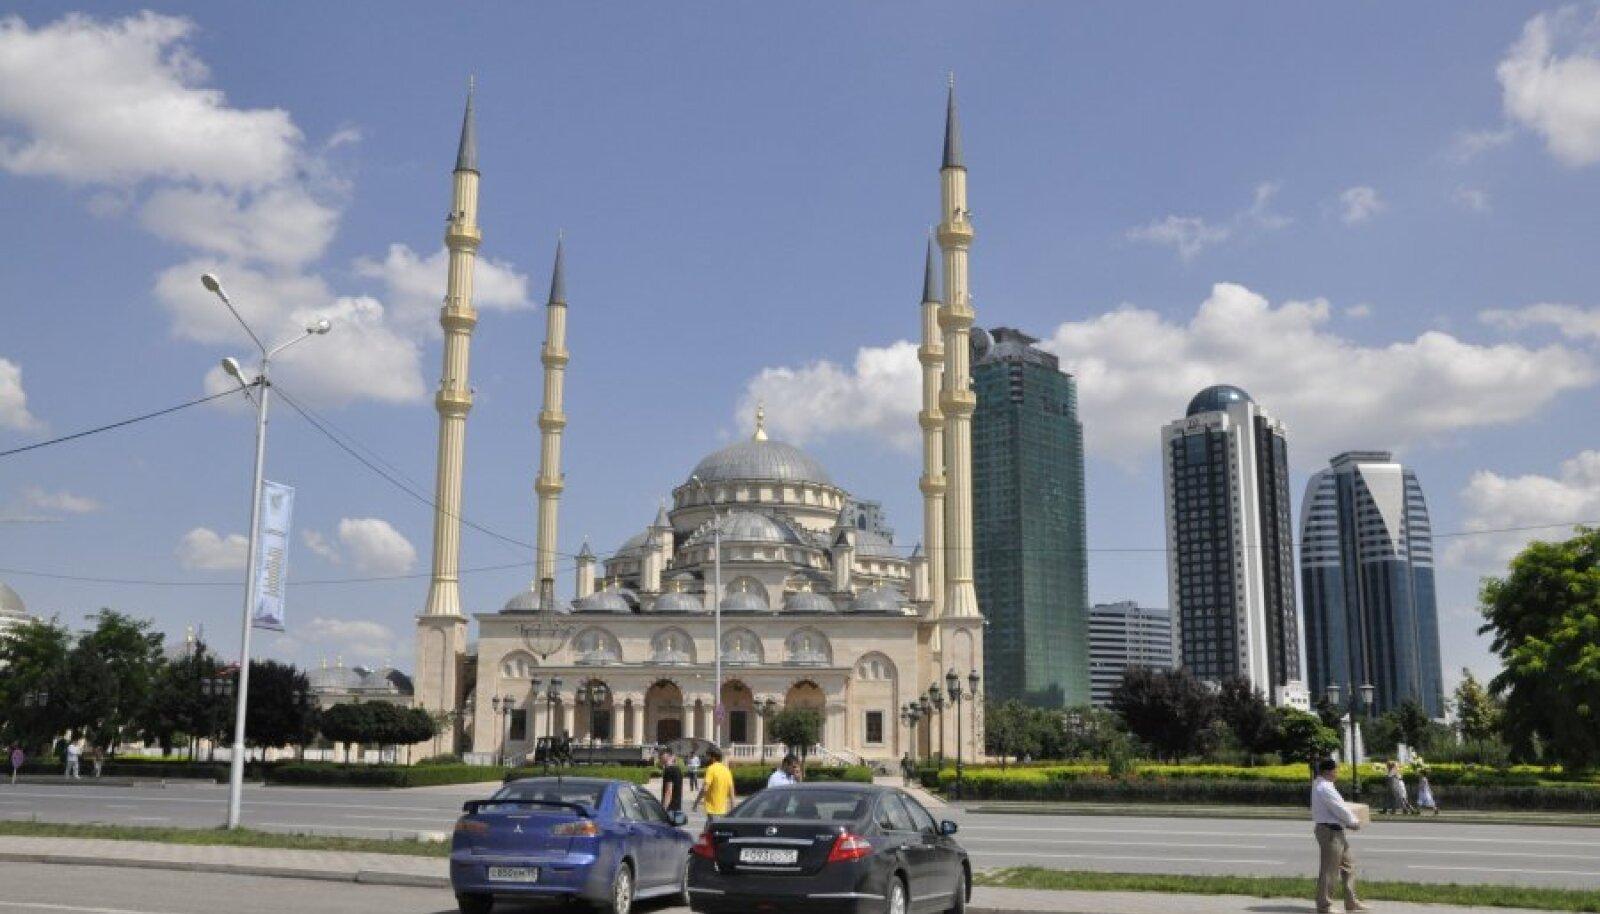 Groznõi uhkus, üks maailma suuremaid mošeesid, mille tagant paistab neljast pilvelõhkujast koosnev Groznõi city, kuhu Ramzan Kadõrov kinkis korteri ka Gerard Depardieule.